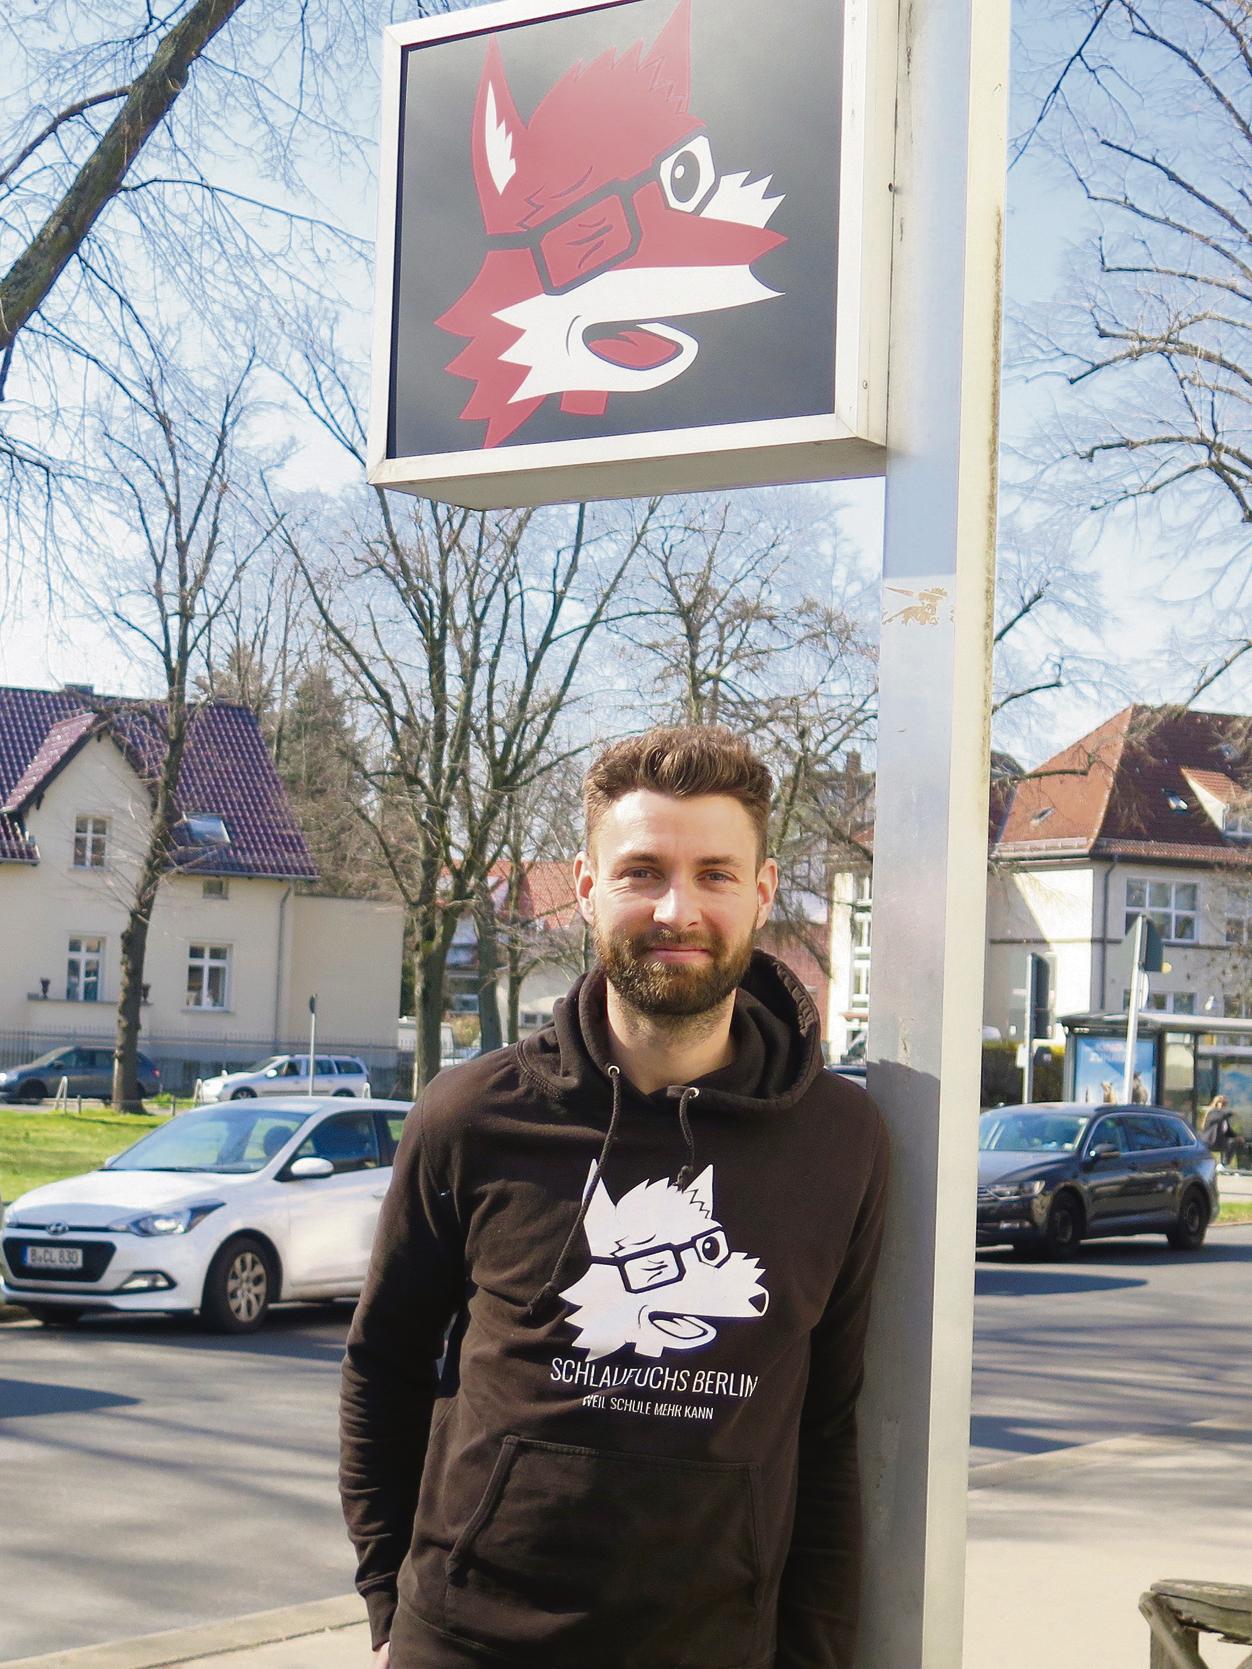 Alexander Möller, Schlaufuchs Berlin